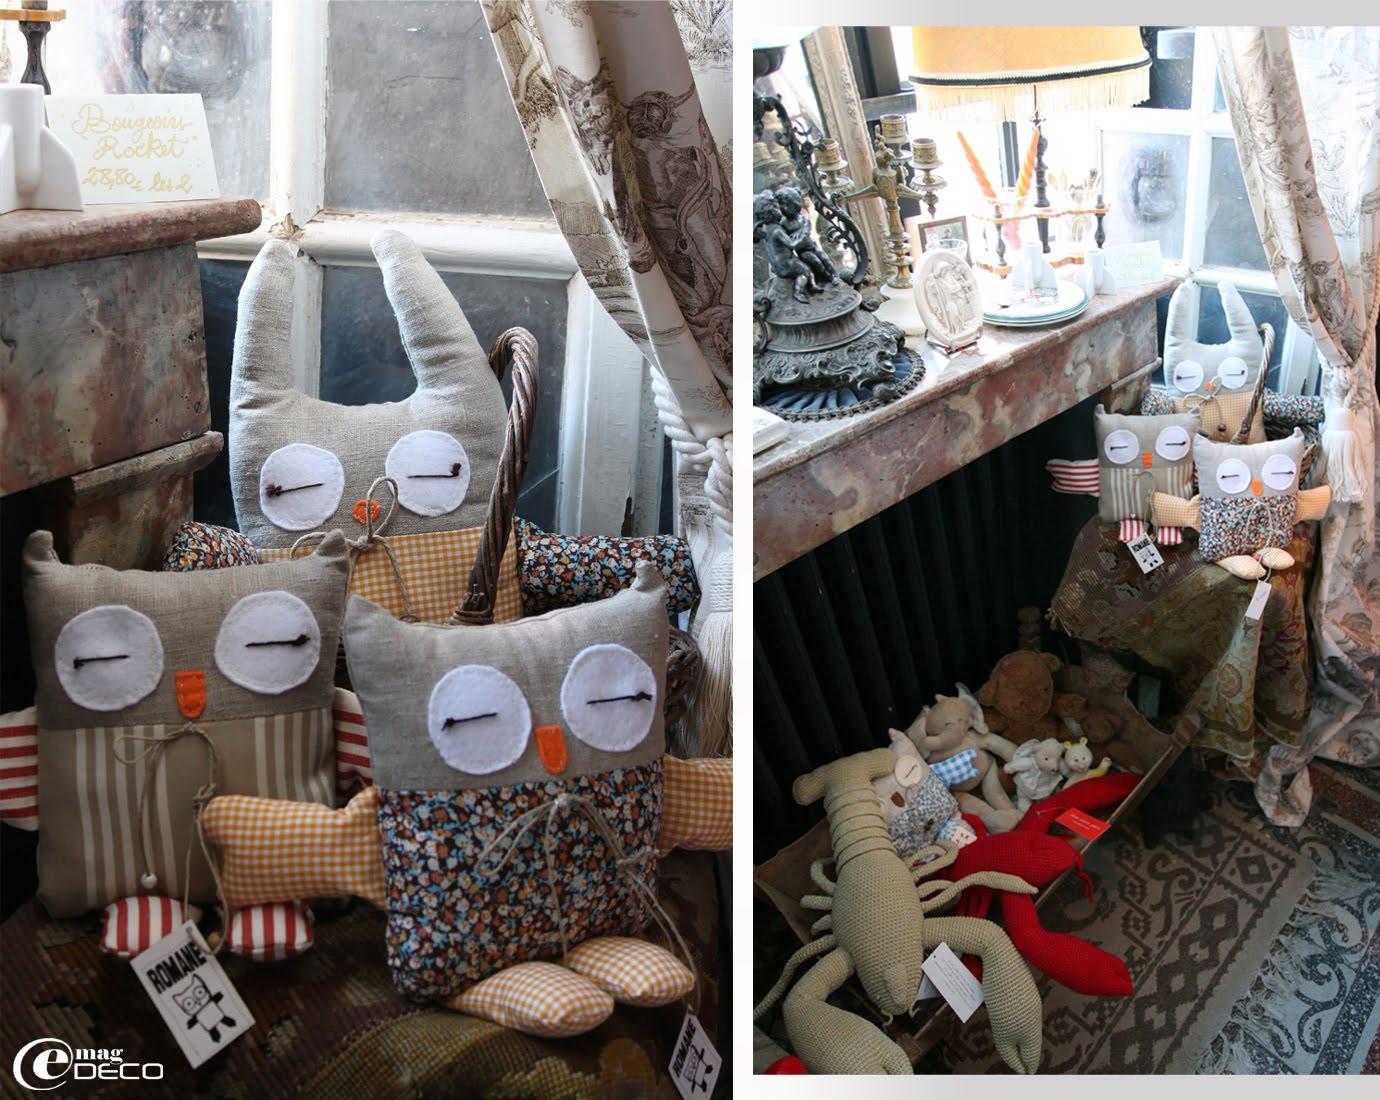 Des chouettes en tissu, créations Romane et des homards au crochet, créations Anne-Claire Petit